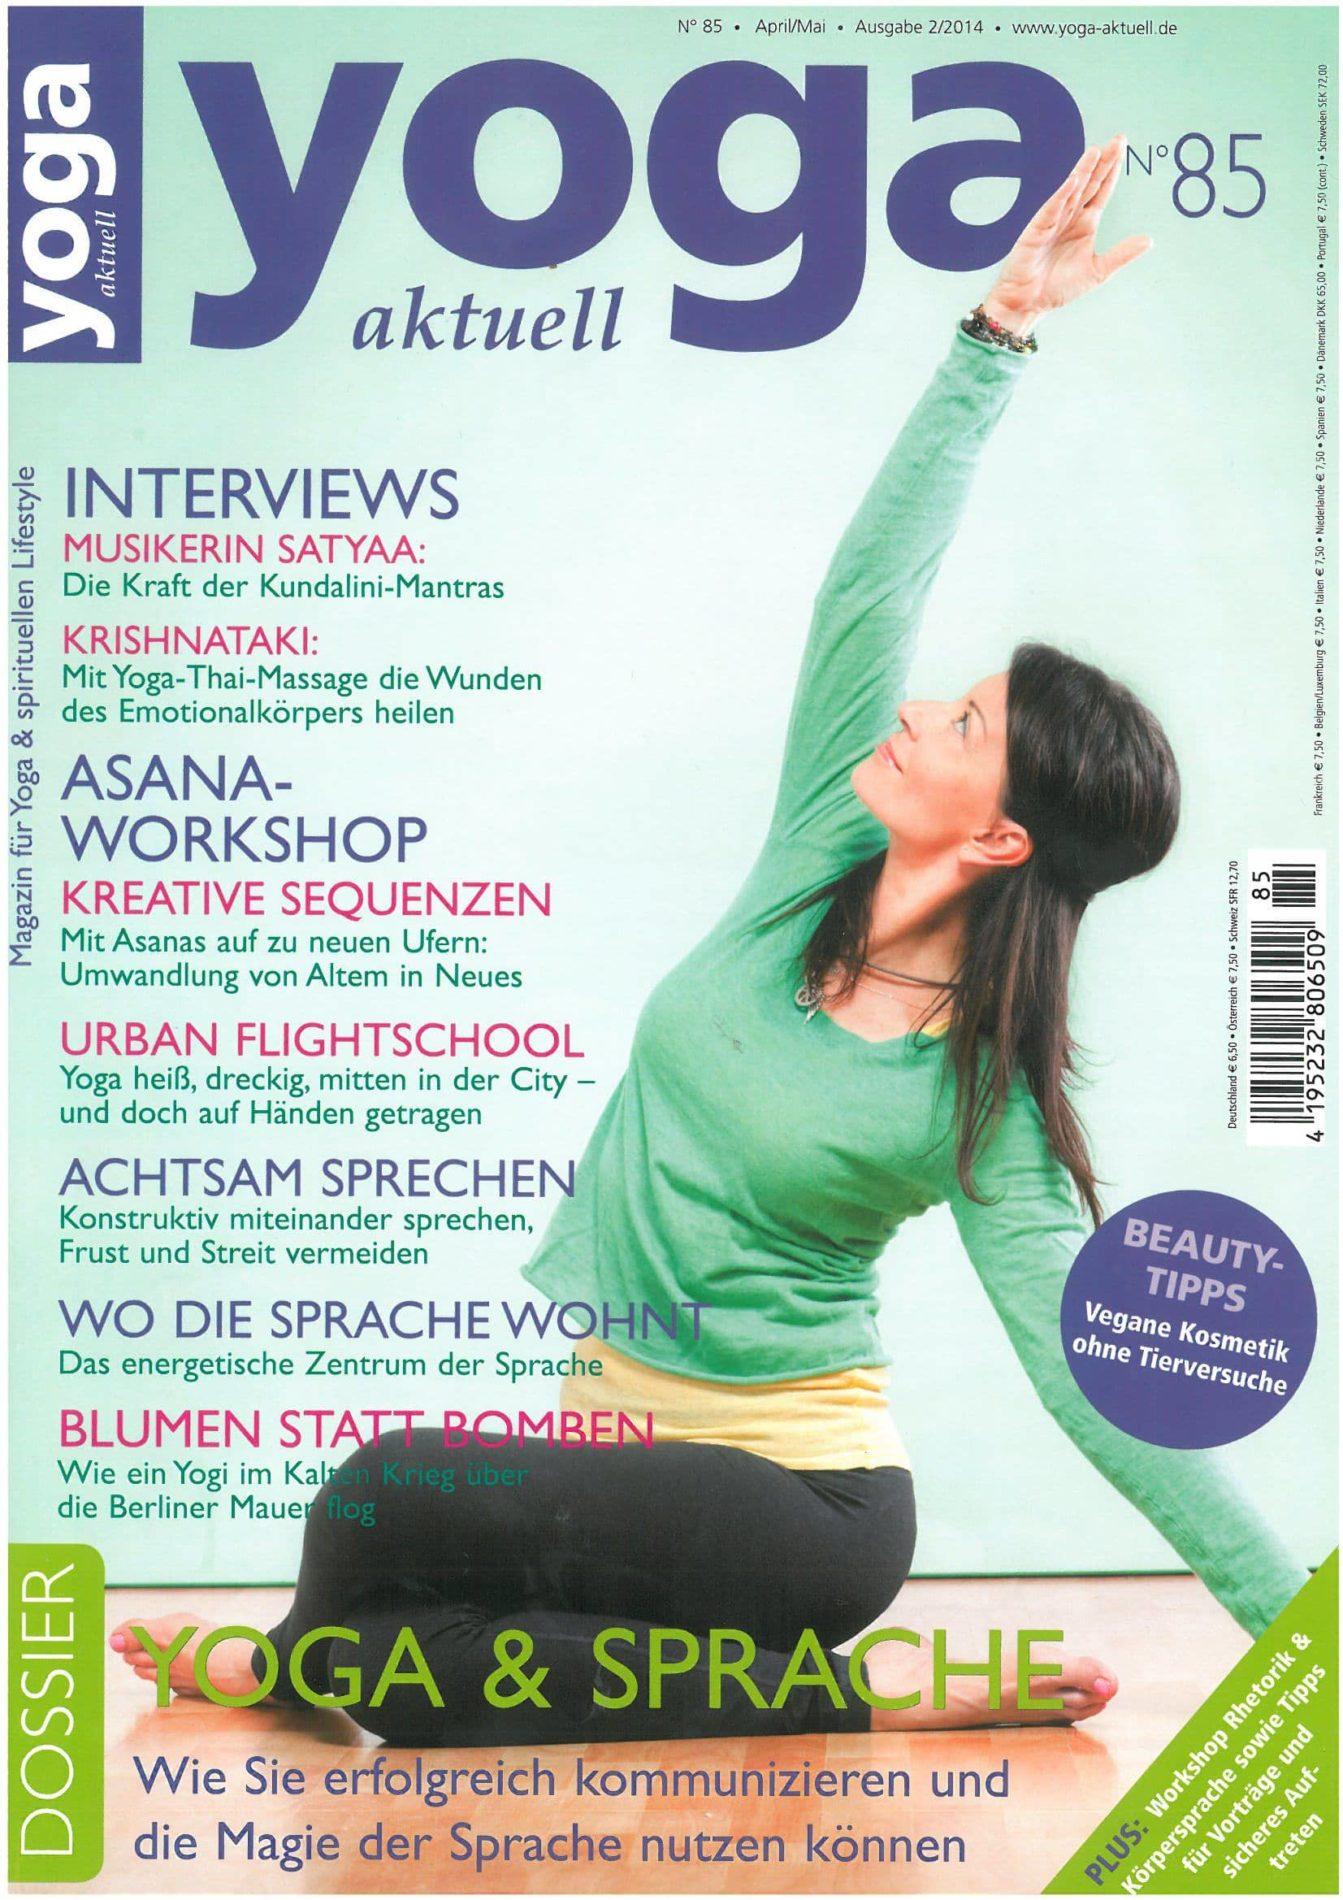 Yoga Aktuell – die Kraft der Kundalini-Mantras